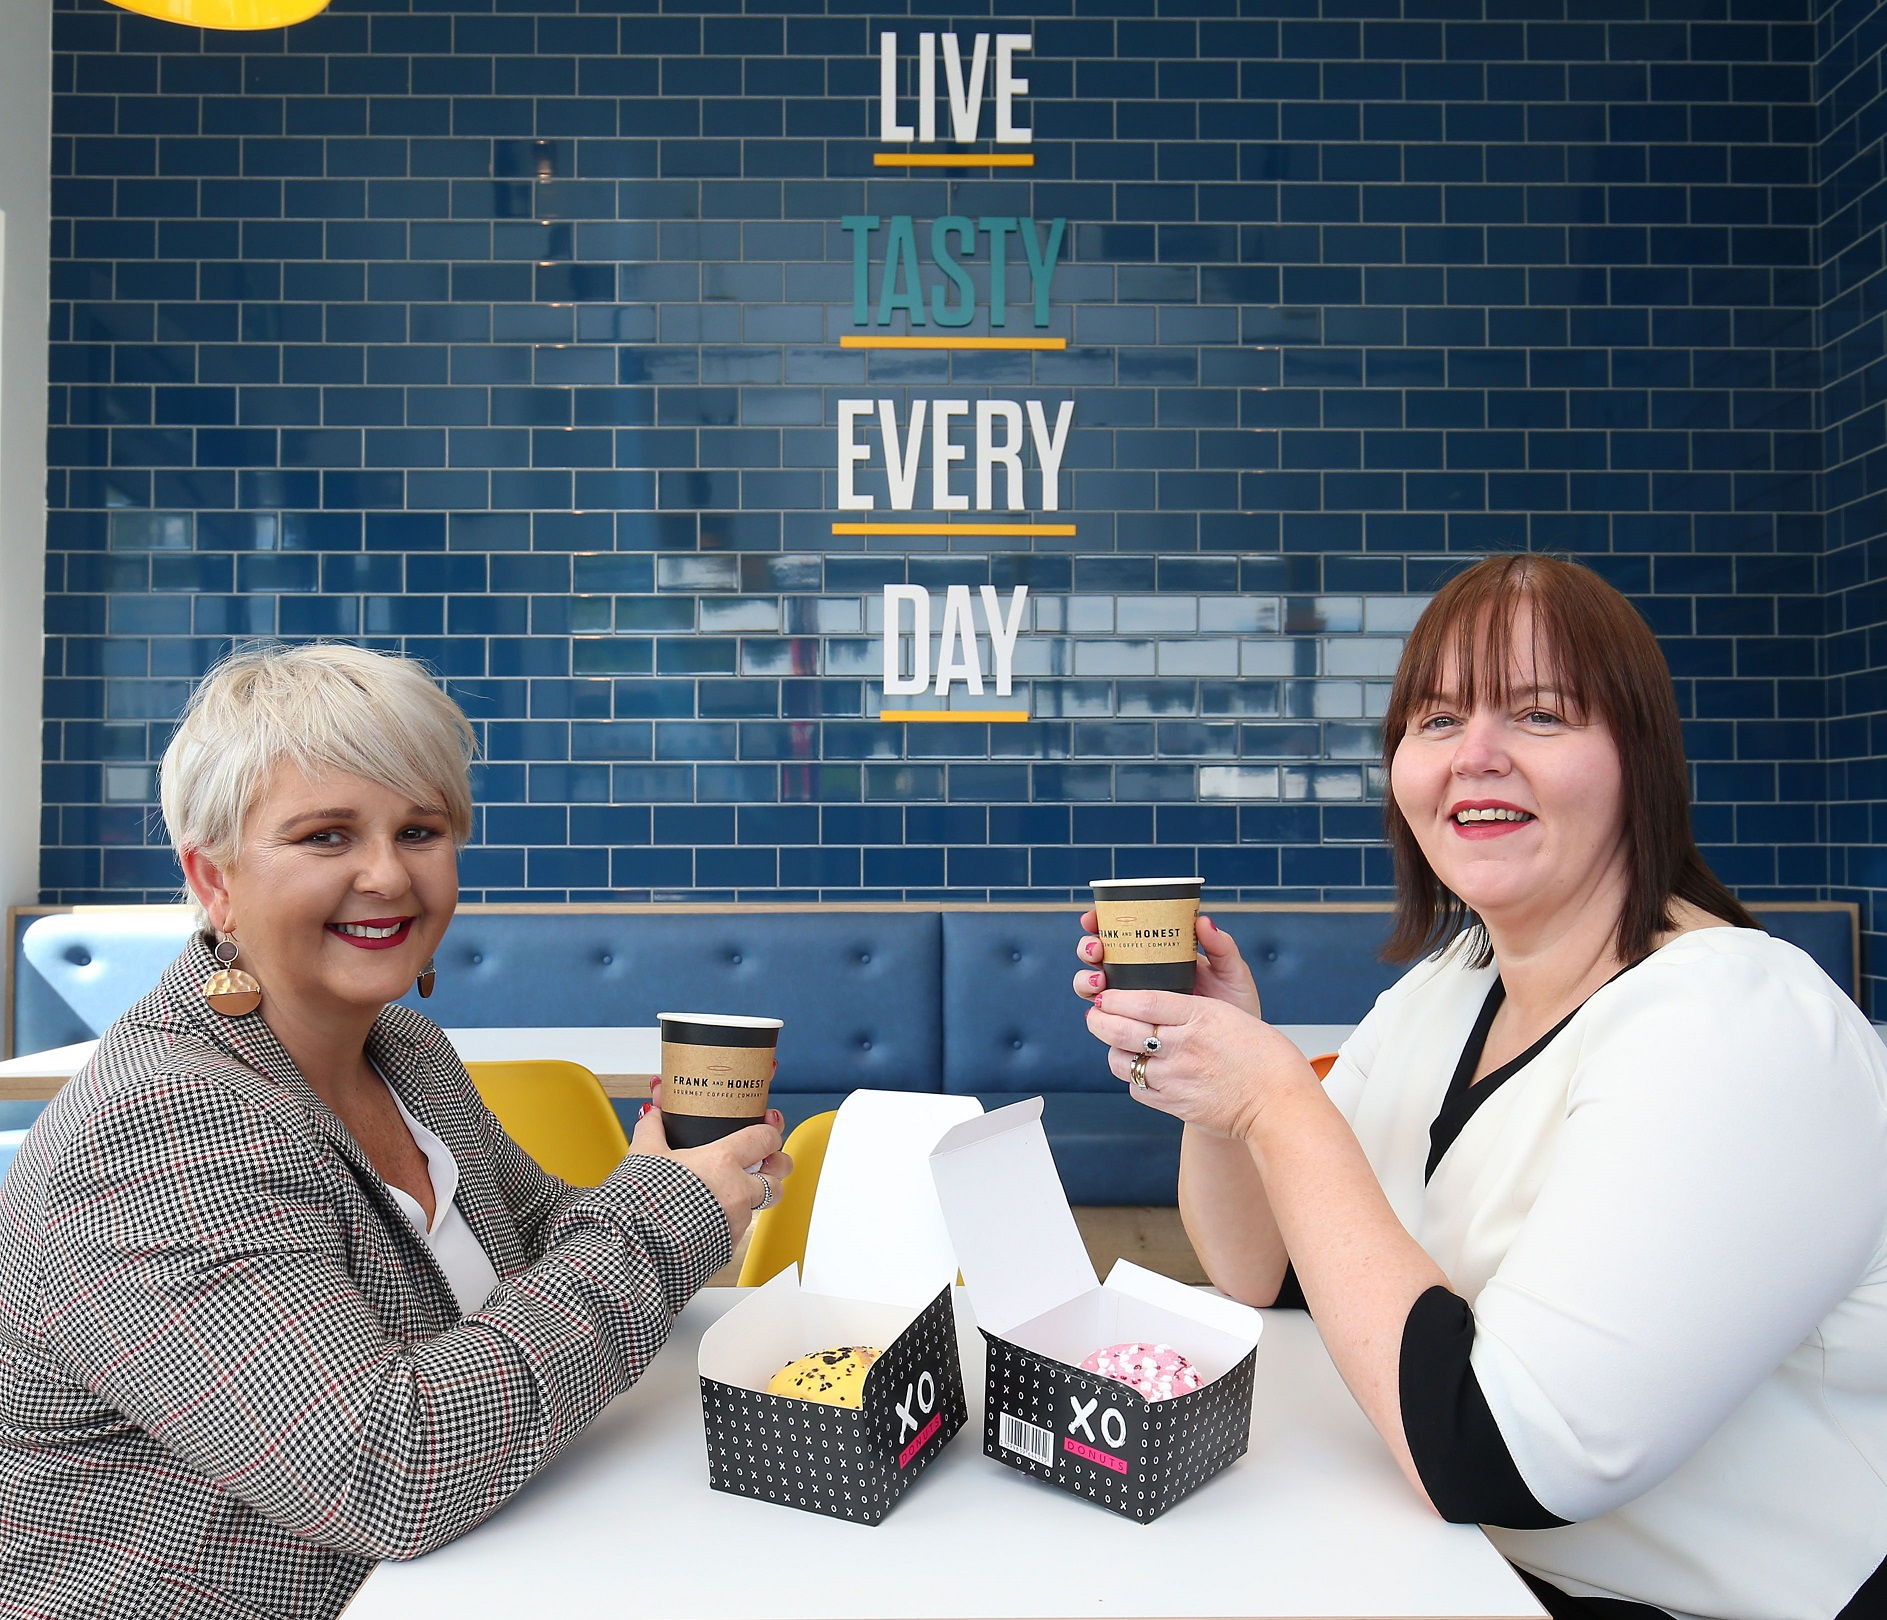 New Centra in Enniskillen creates 15 jobs